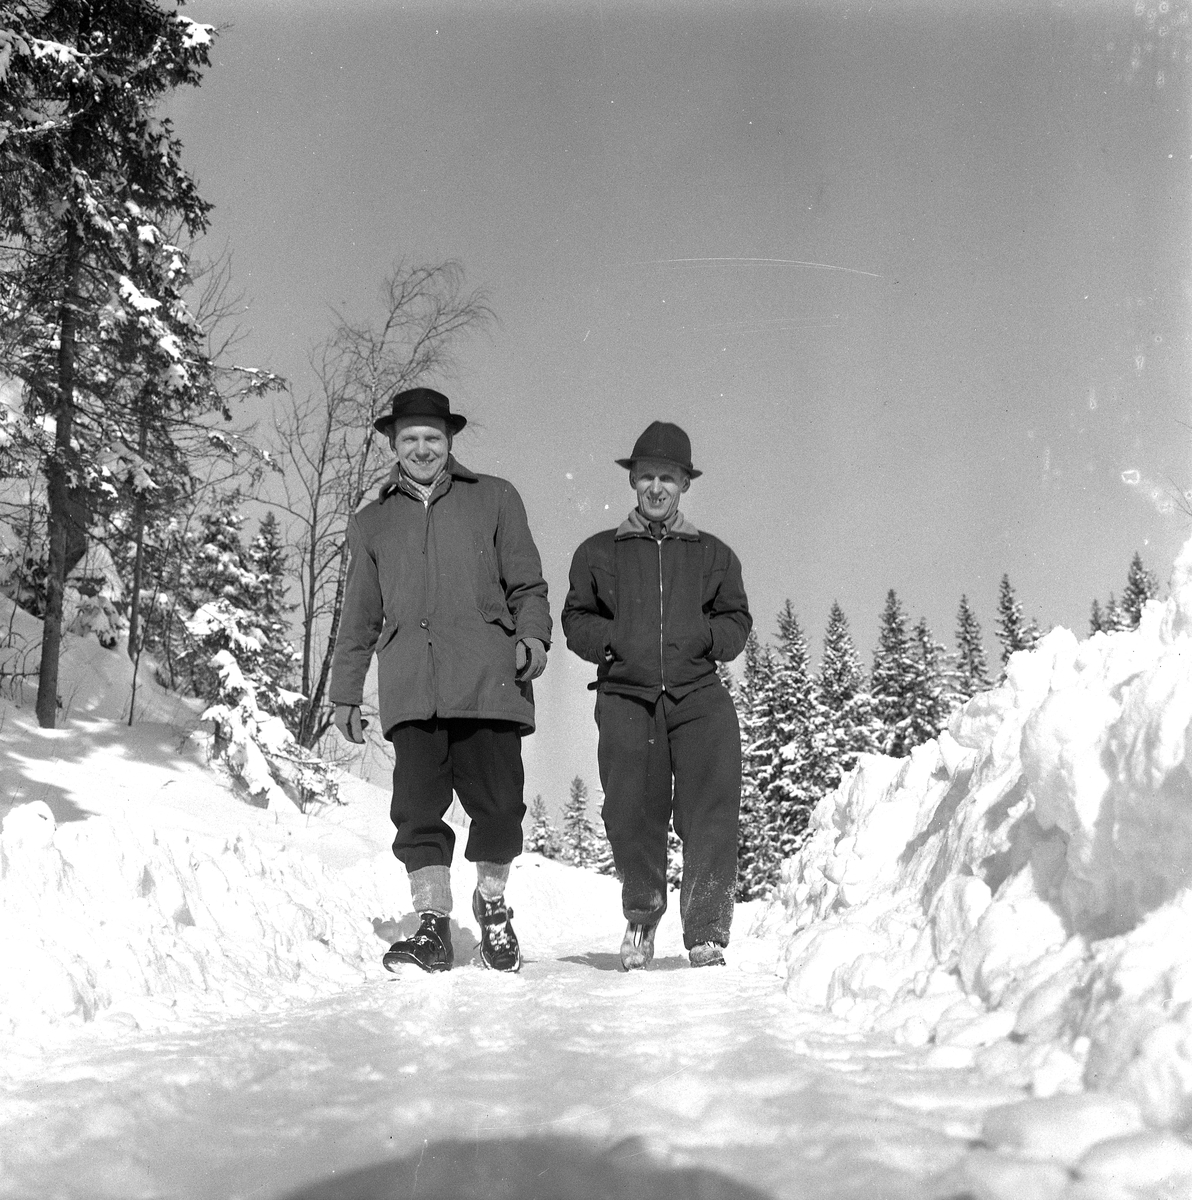 Skidlift i Ånnaboda. 19 Februari 1958.